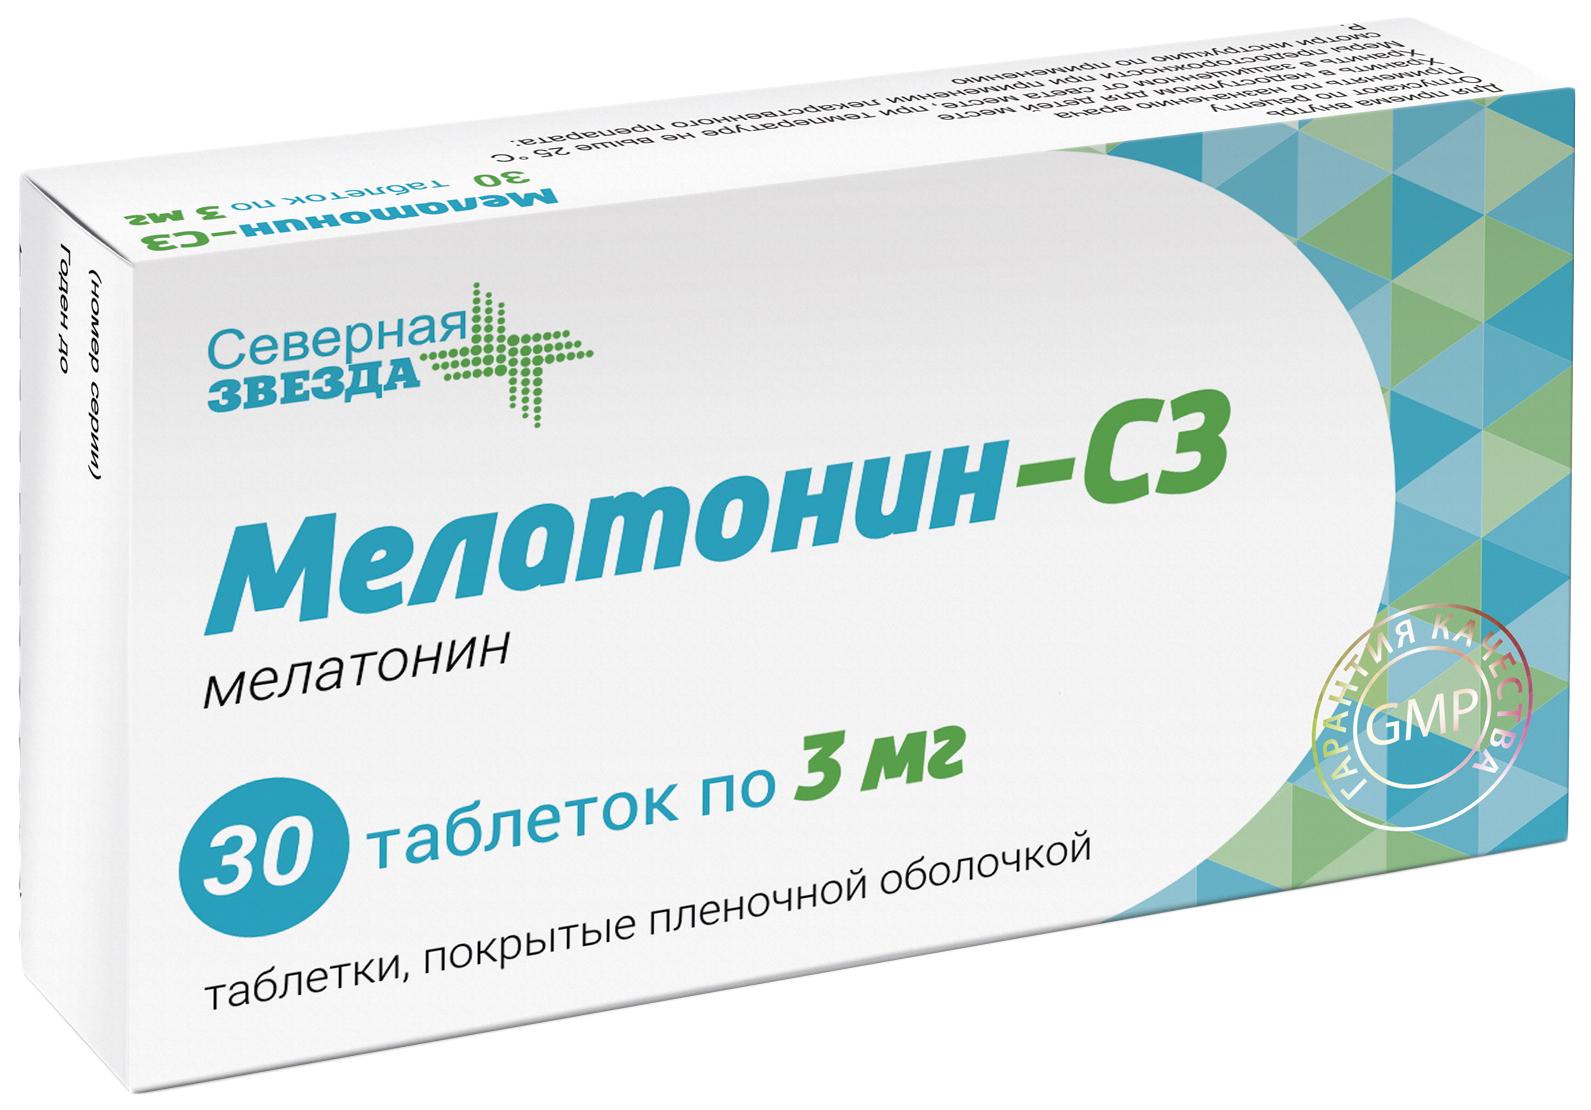 Купить Мелатонин-СЗ 3 мг, Мелатонин-СЗ таблетки, покрытые пленочной оболочкой 3 мг №30, Северная Звезда